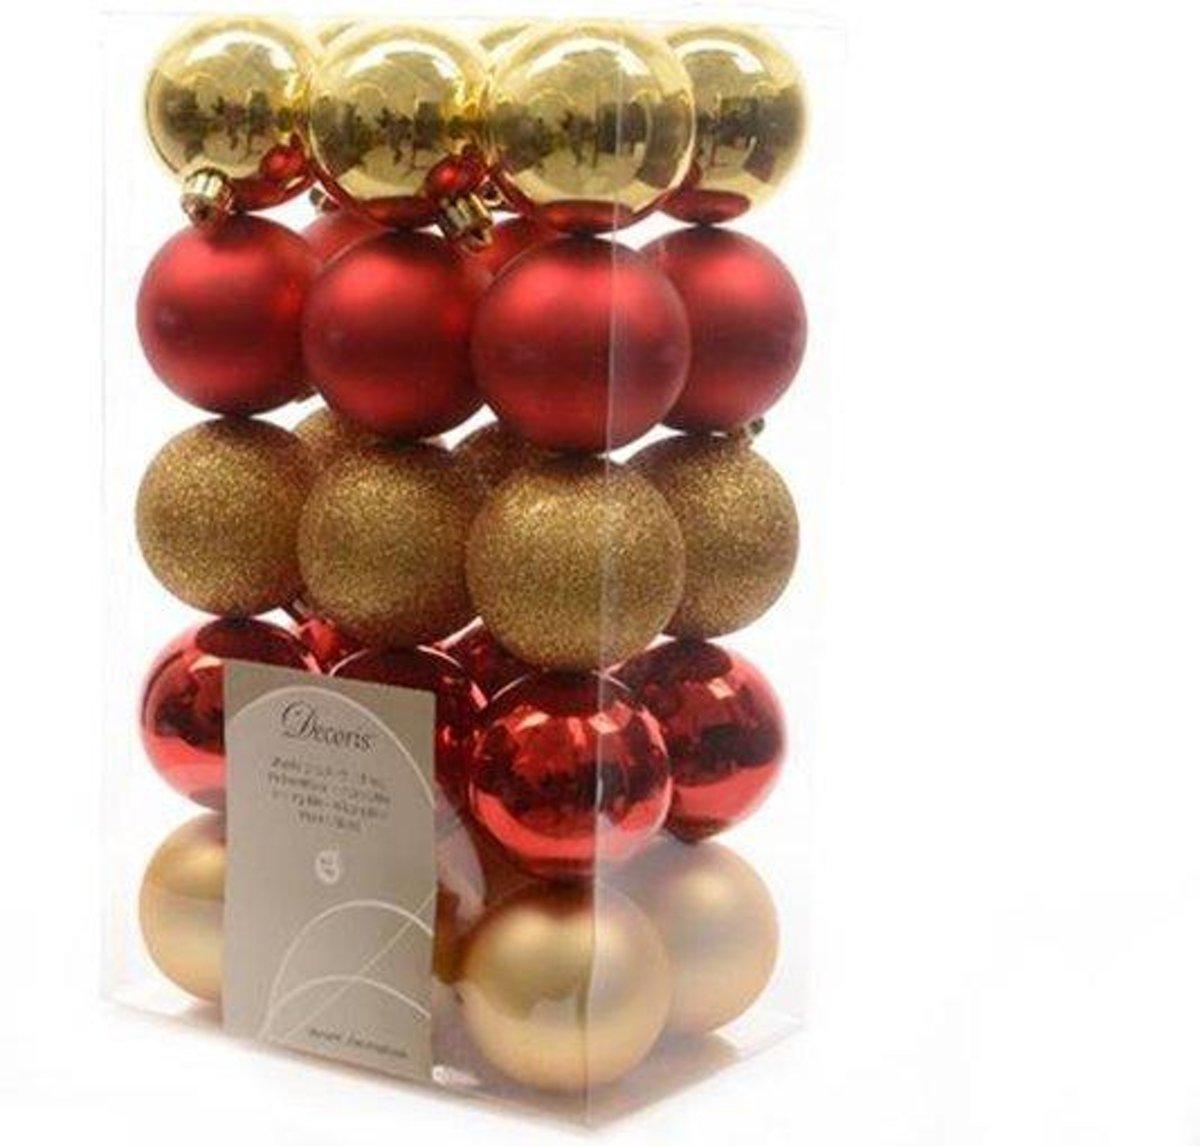 Kerstballen kunststof goud/rood 6cm 30st Kerstartikelen